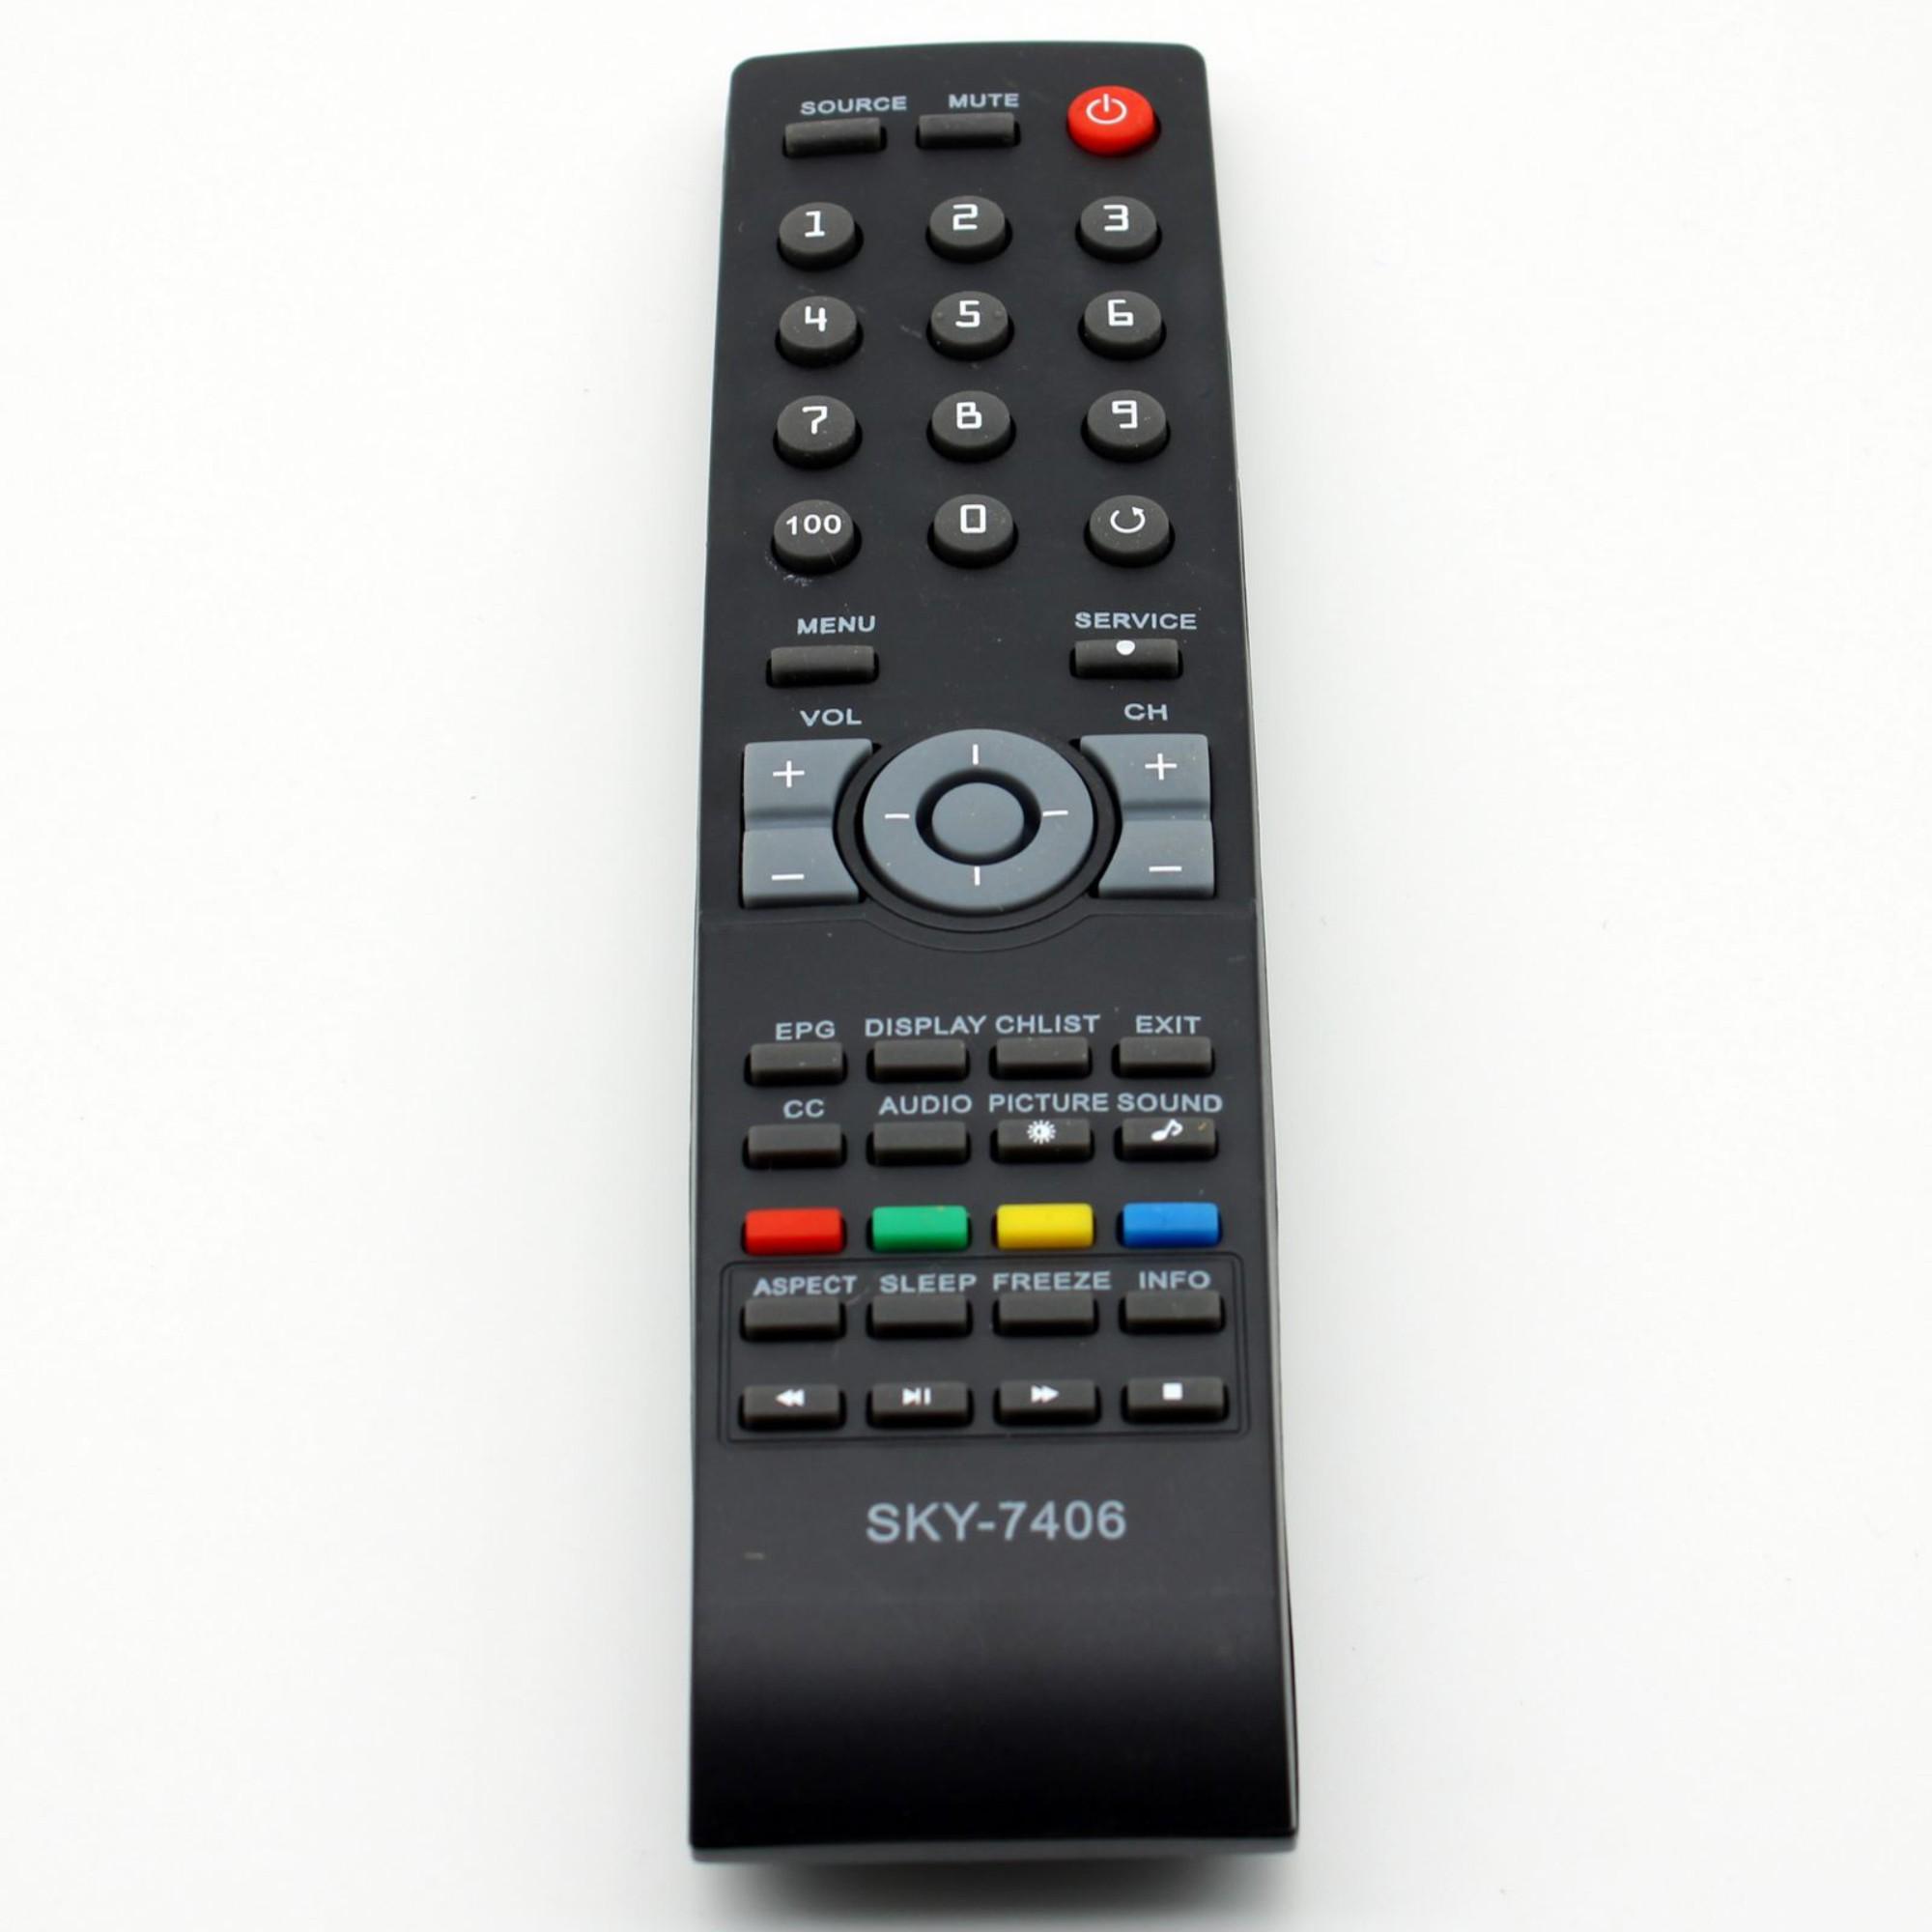 Controle Remoto Tv AOC Sky-7406